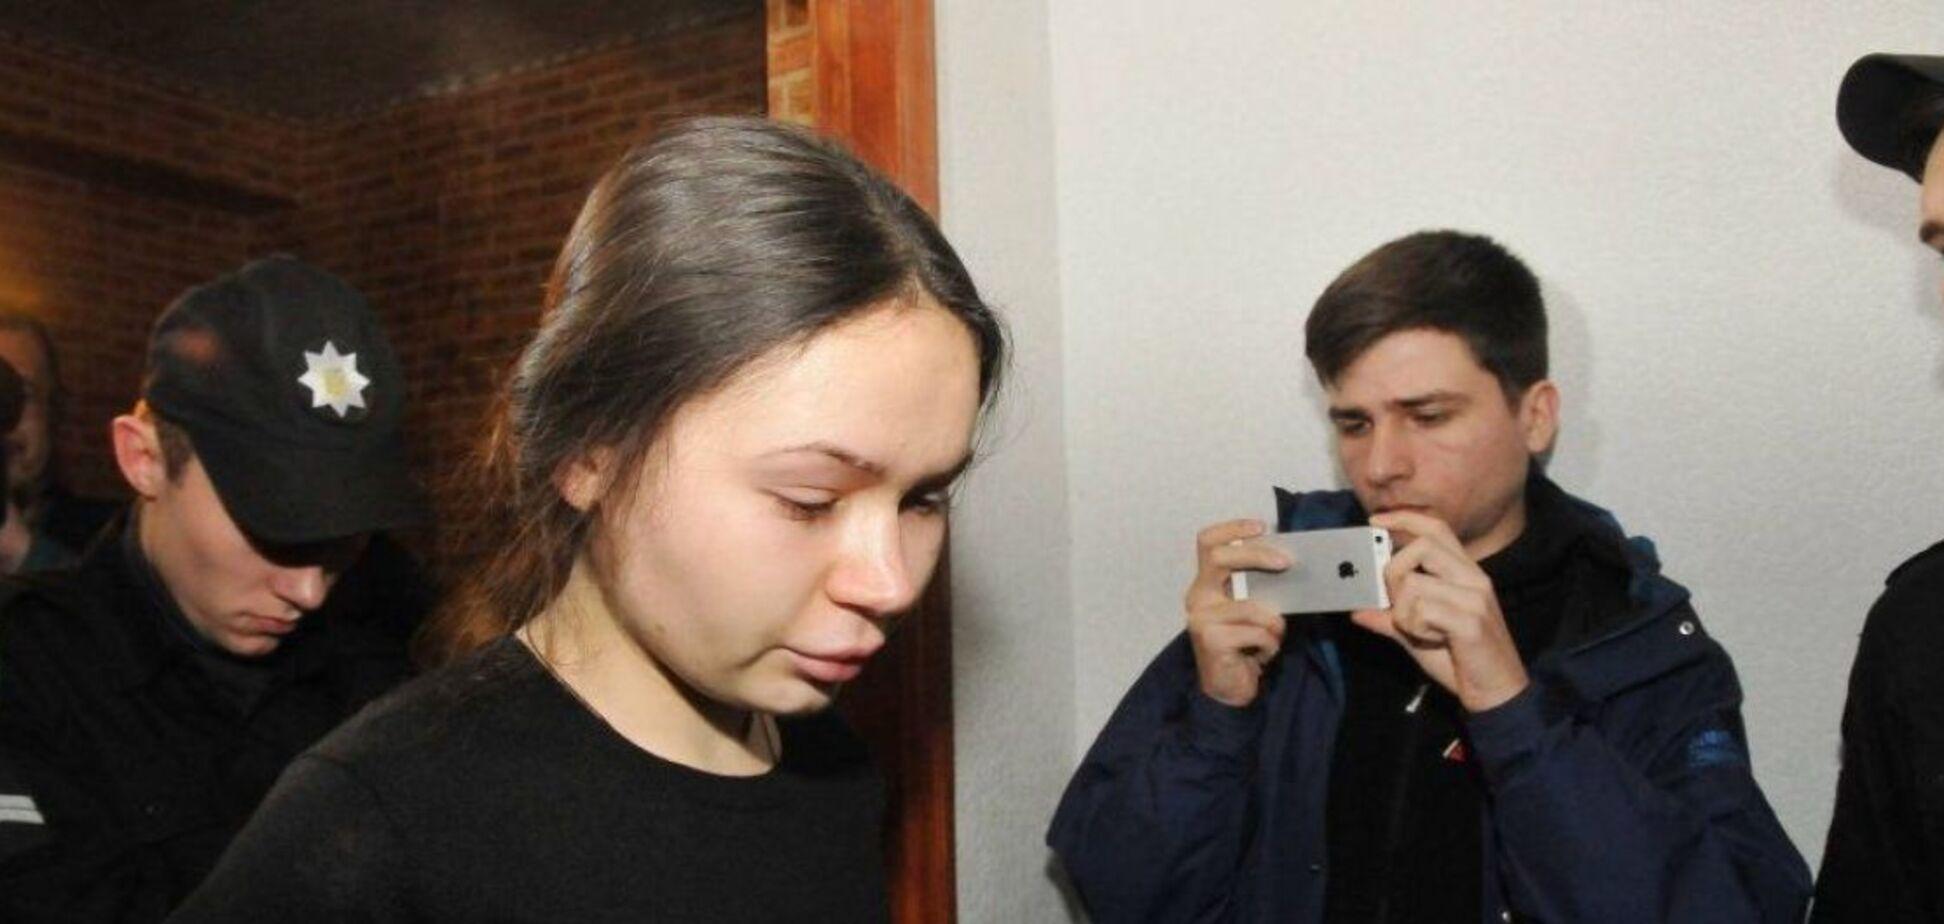 ДТП в Харькове: всплыл новый скандальный факт о Зайцевой